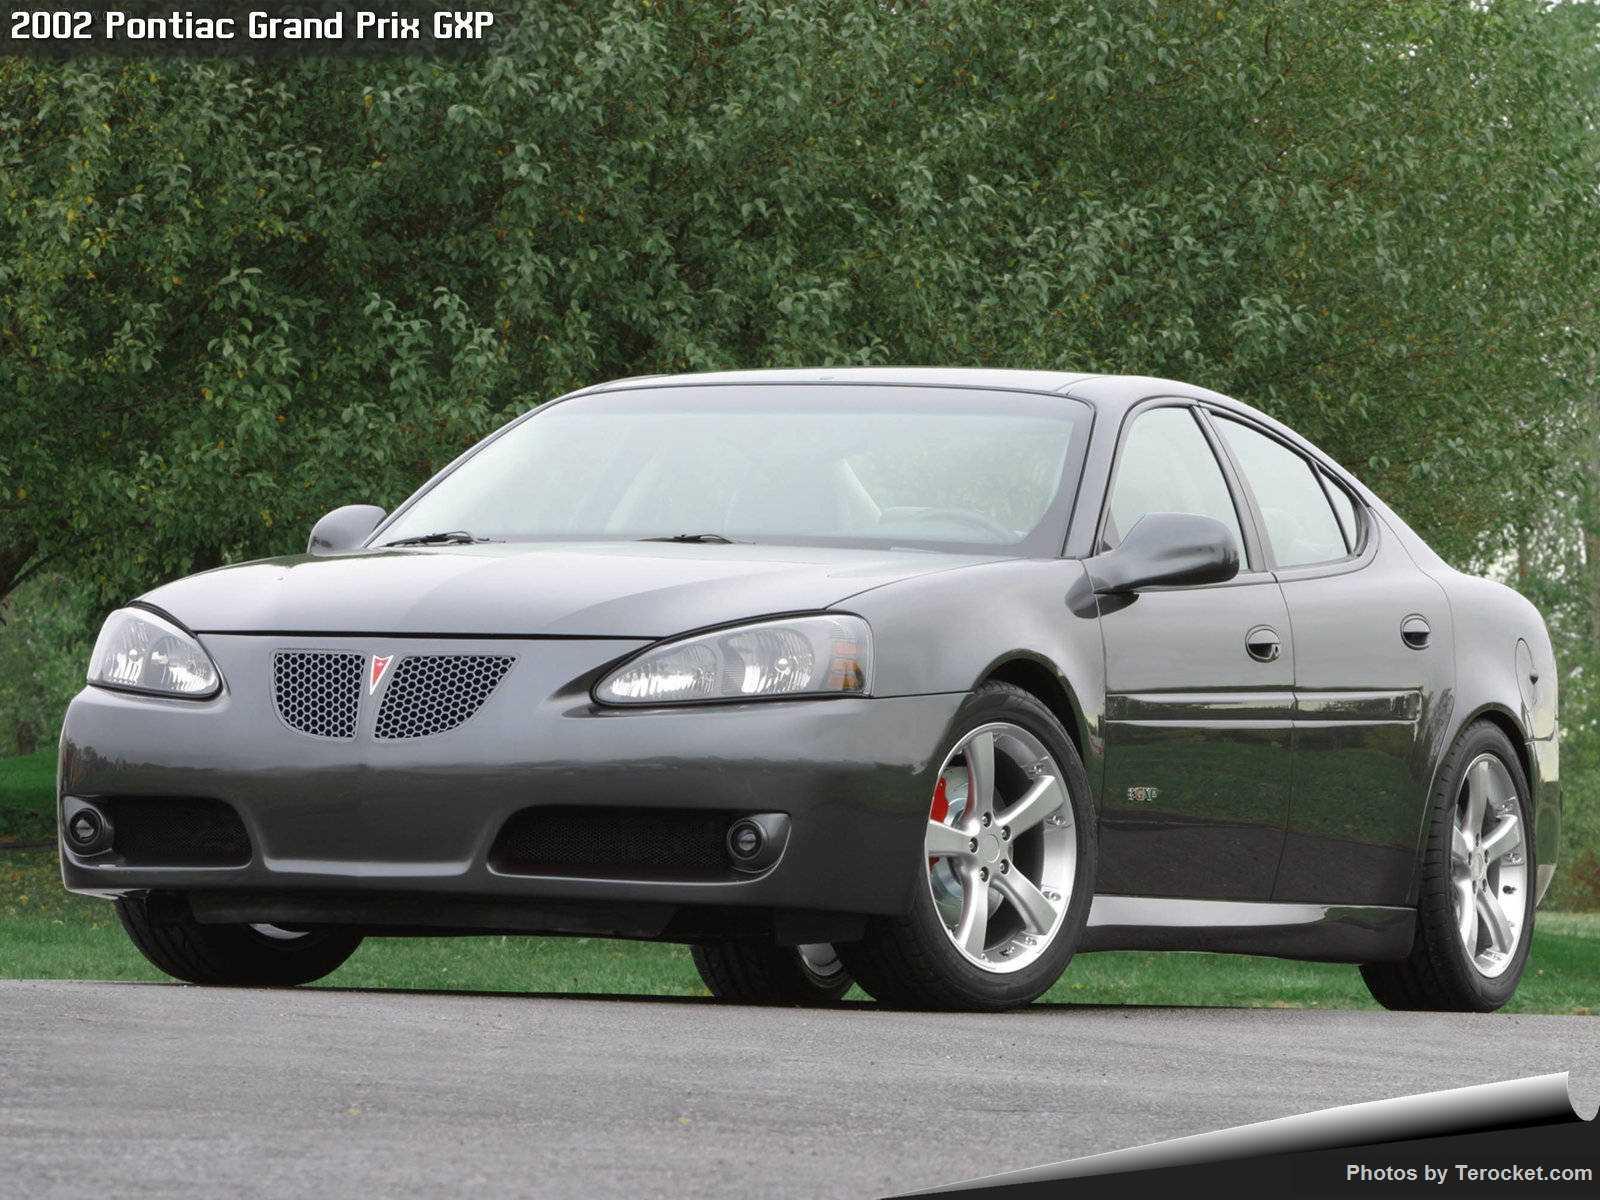 Hình ảnh xe ô tô Pontiac Grand Prix GXP 2002 & nội ngoại thất